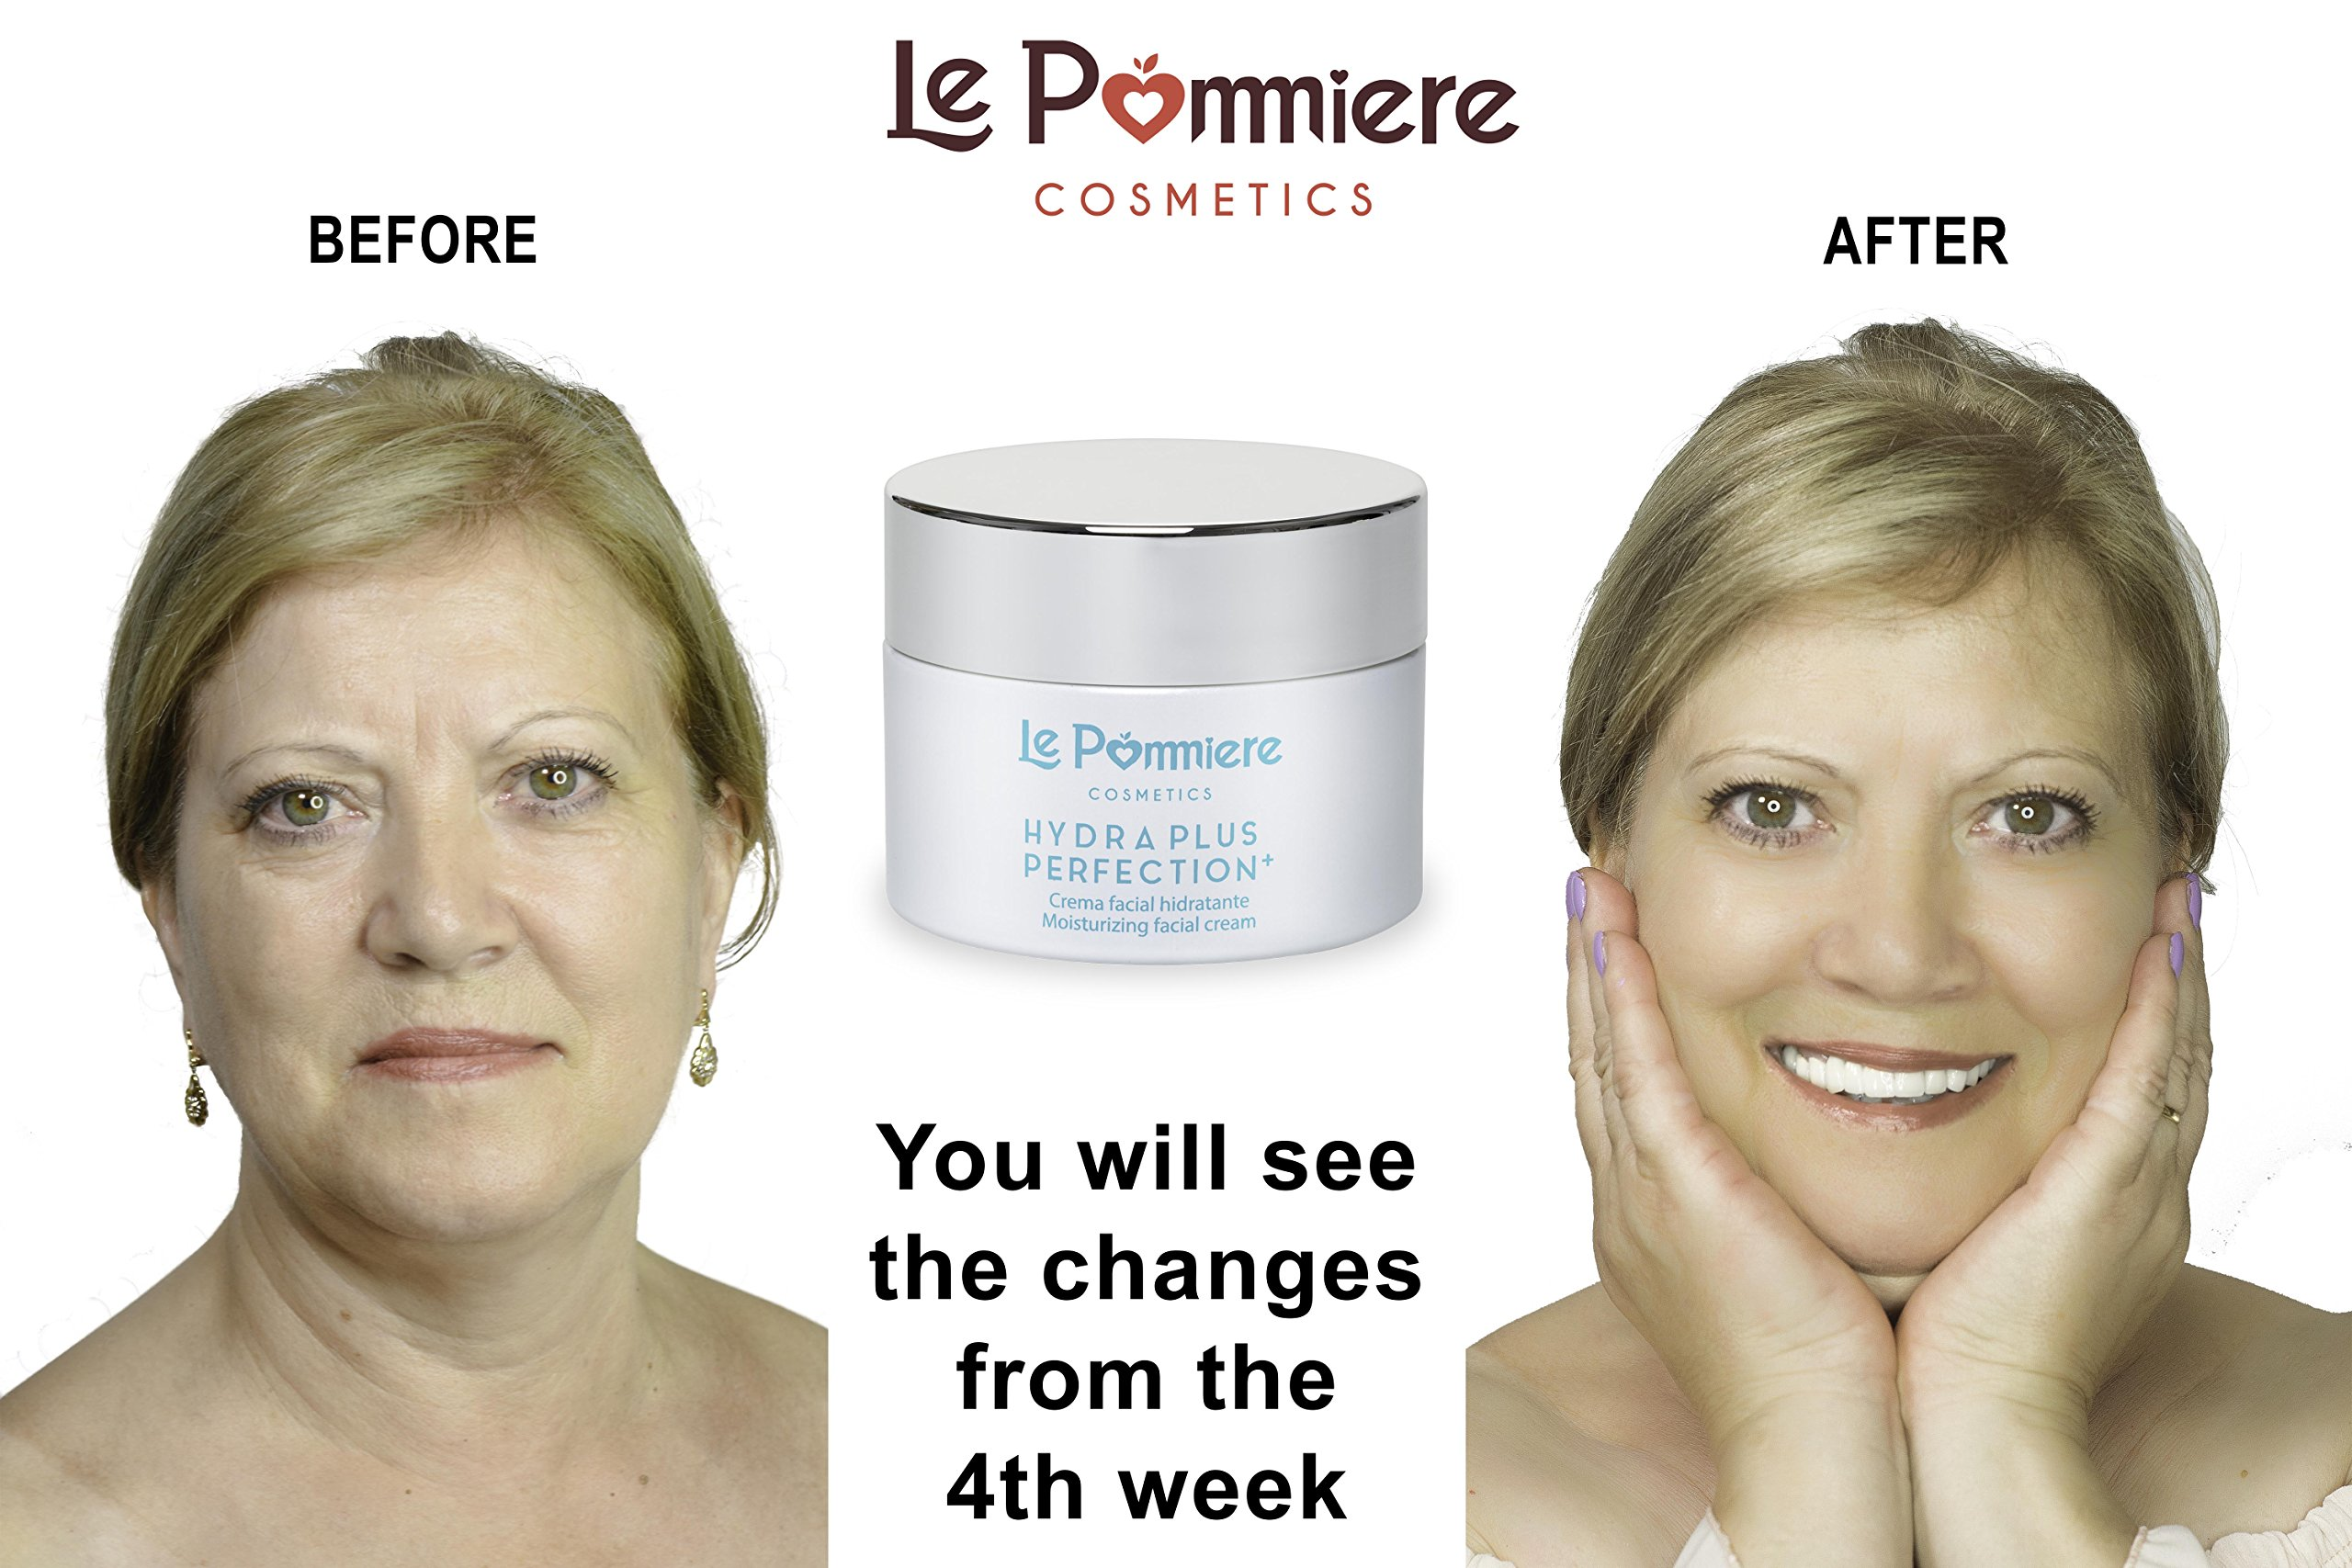 Le Pommiere crema nutritiva hidratante antiedad 50ml. Antiarrugas ácido hialurónico, colágeno, aloe vera. Vitamina A retinol, C, E. Tratamiento facial anti envejecimiento. Hombre & mujer. SPF 15